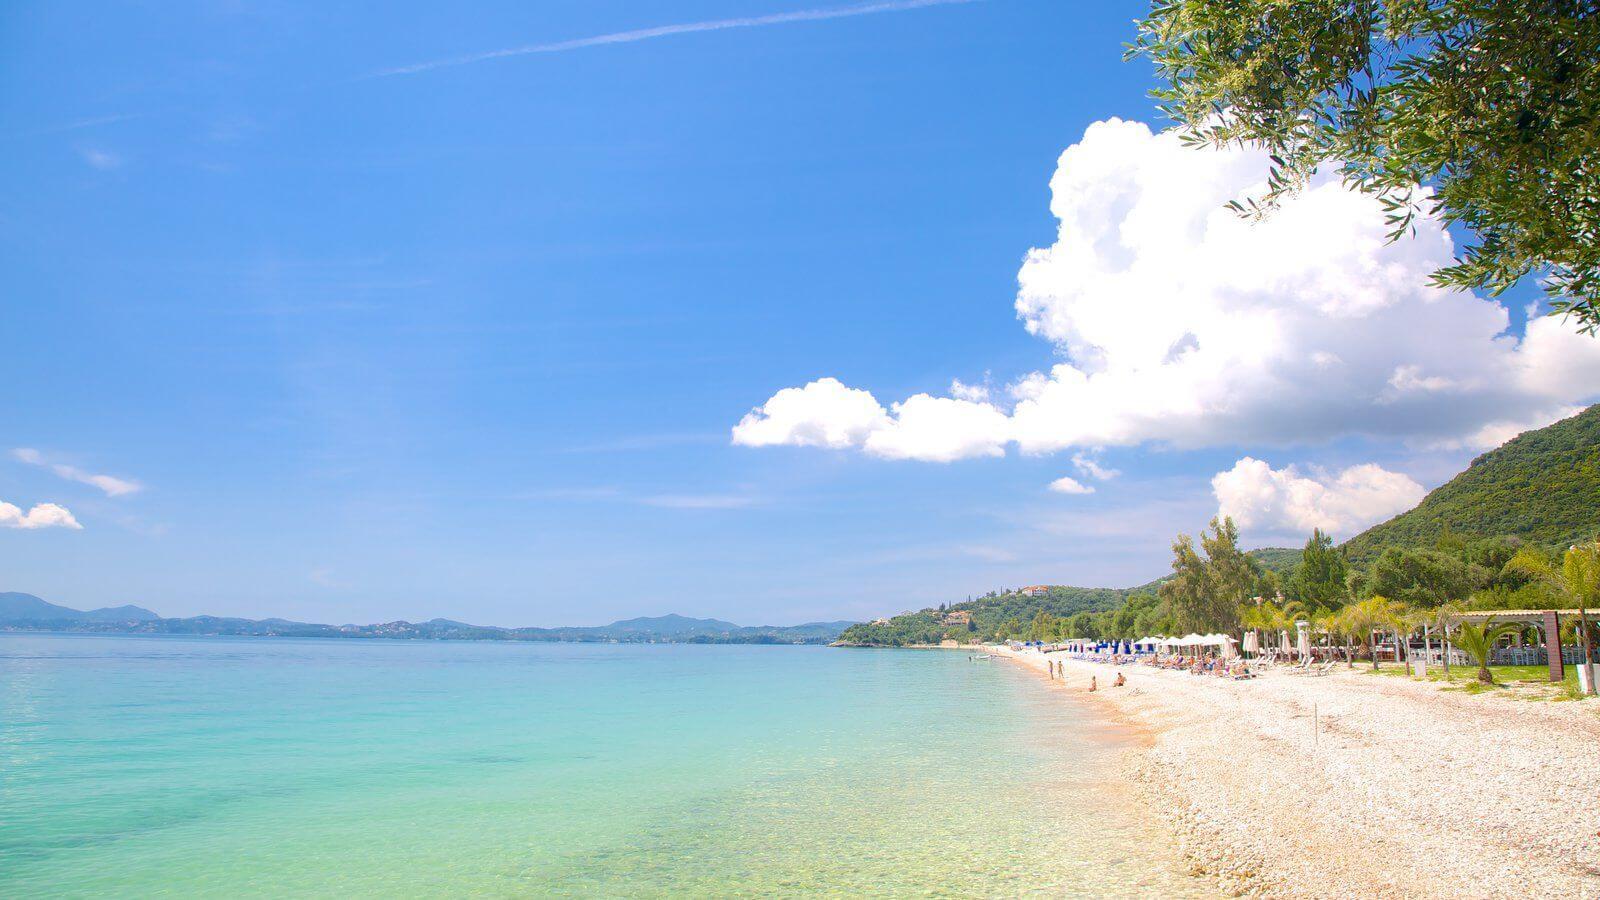 Αποτέλεσμα εικόνας για barbati beach